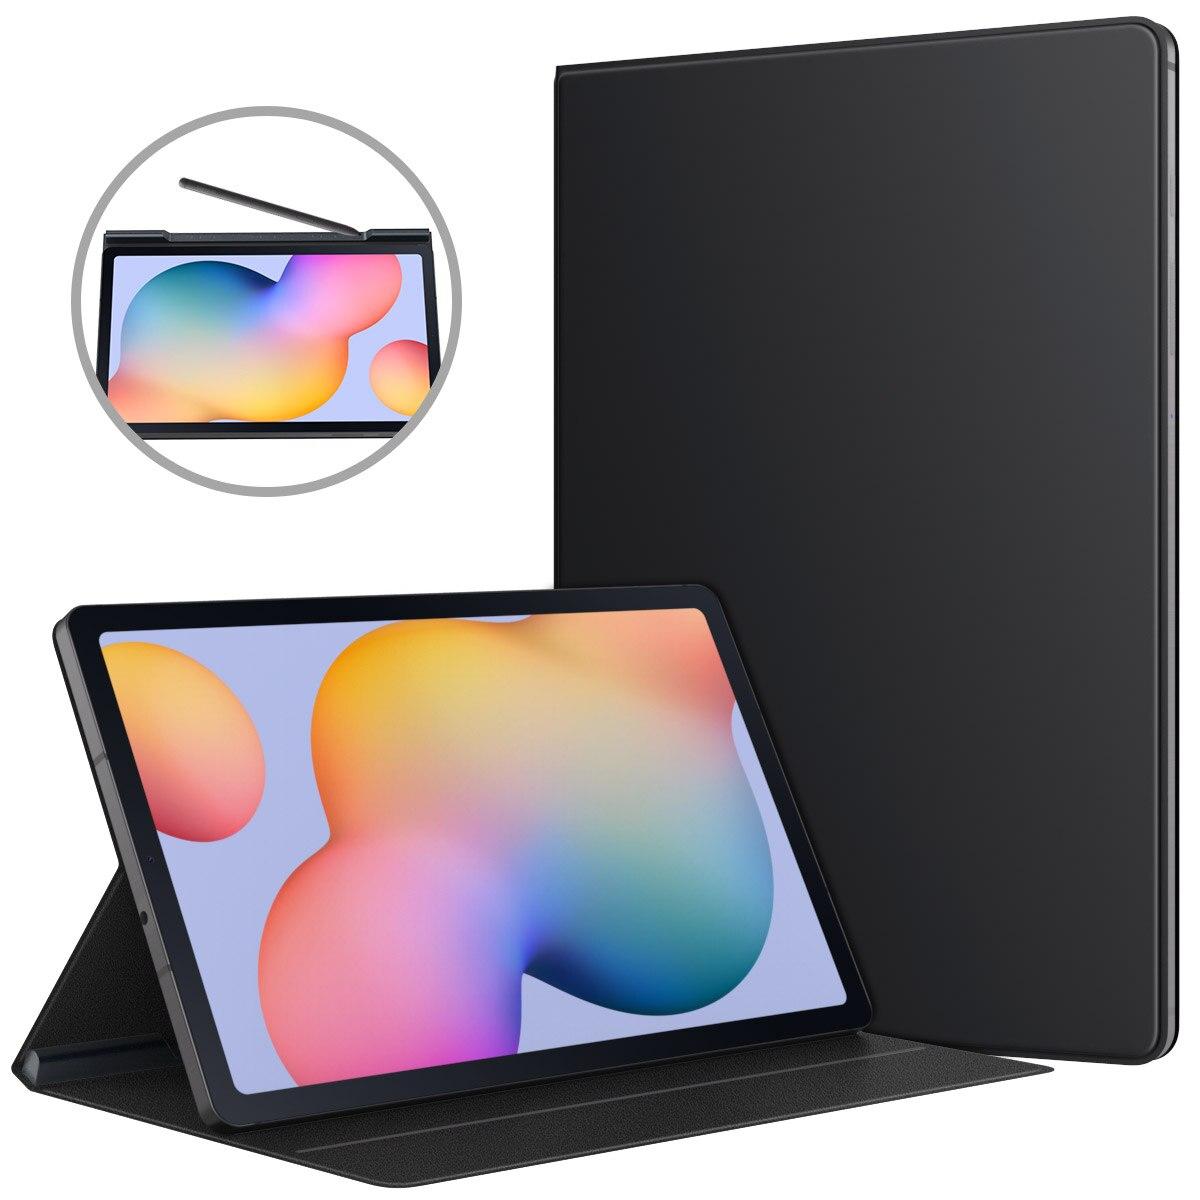 Чехол для планшета Galaxy Tab S6 Lite 2020, Ультратонкий чехол книжка с магнитным покрытием для Galaxy Tab S6 Lite 10,4|Чехлы для планшетов и электронных книг|   | АлиЭкспресс - Компьютеры и техника